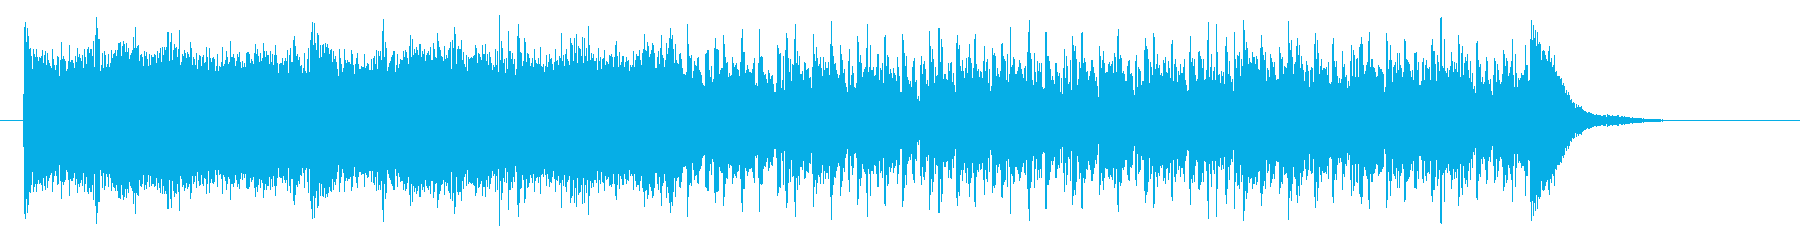 疾走感のあるゲーム音楽の再生済みの波形